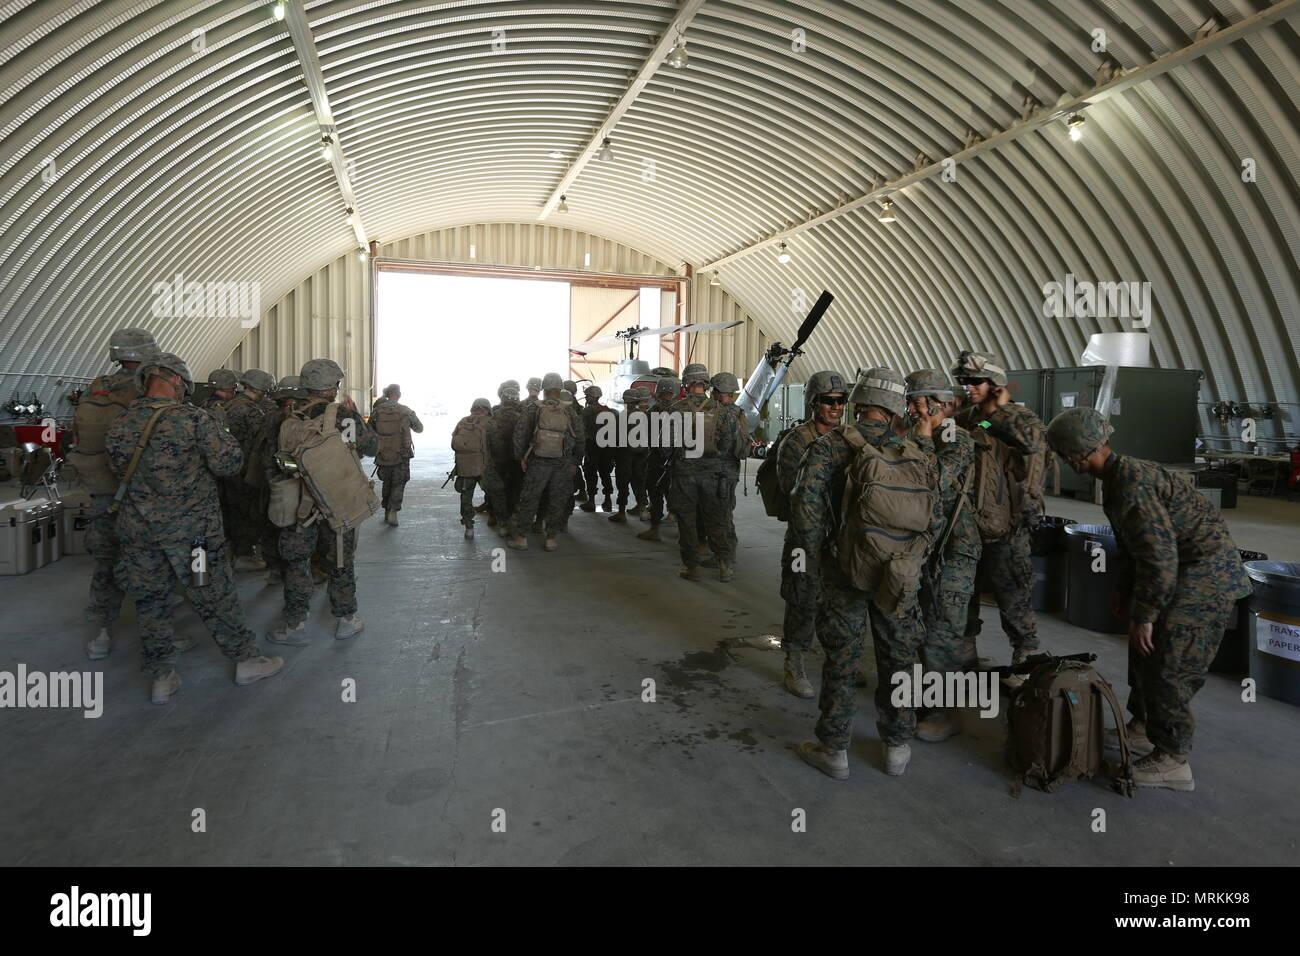 Us-Marines von Golf Company, 2.Bataillon, 25 Marines, 4 Marine Division, Marine Reserve vorbereiten für die Air Assault Kurs als Teil des endgültigen Bataillon Ausübung der integrierte Ausbildung Übung 4-17 im Camp Wilson, Marine Air Ground Combat Center, Twentynine Palms, 21. Juni 2017 zu proben. ITX ist ein Marine Air Ground Task Force integration Training übung mit einem kombinierten Waffen Schulungen, Leben, Feuer und Manöver zu integrieren. (U.S. Marine Corps Foto von Lance Cpl. Stanley Moy) Stockfoto